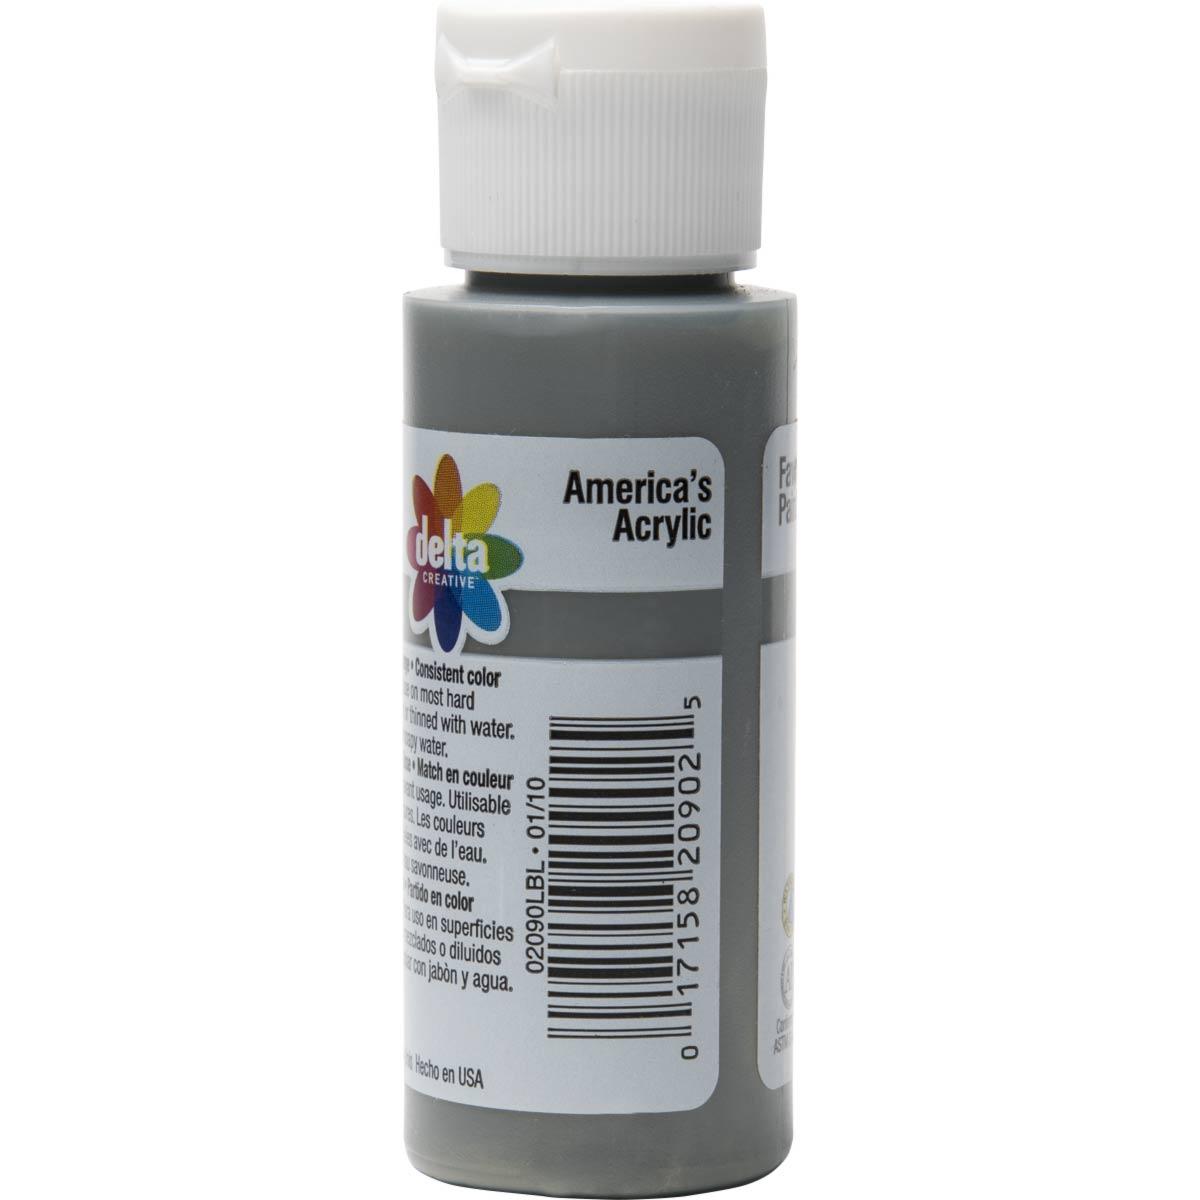 Delta Ceramcoat ® Acrylic Paint - Hippo Grey, 2 oz.